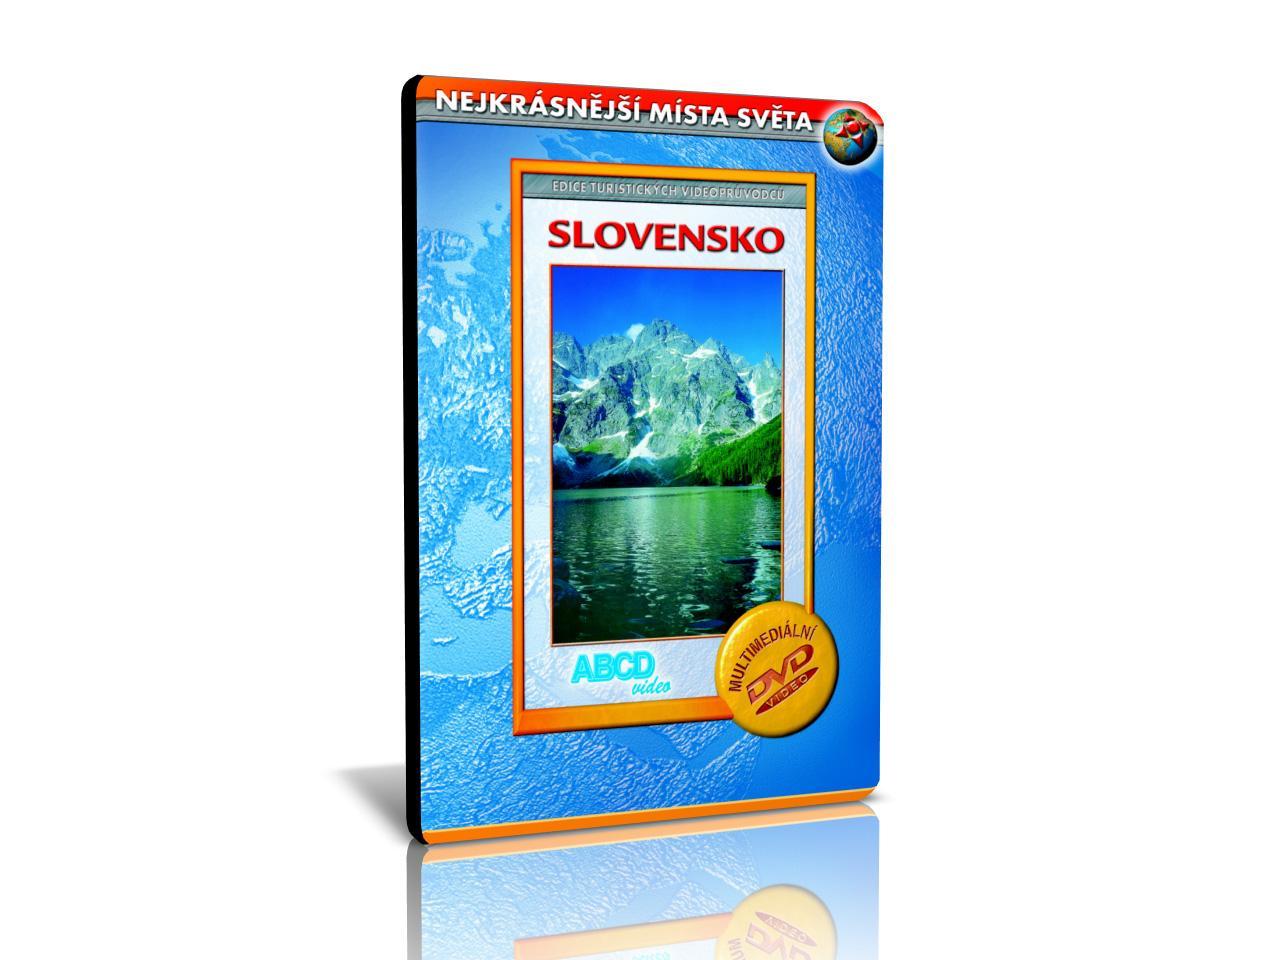 NEJKRÁSNĚJŠÍ MÍSTA SVĚTA: Slovensko (MM DVD)